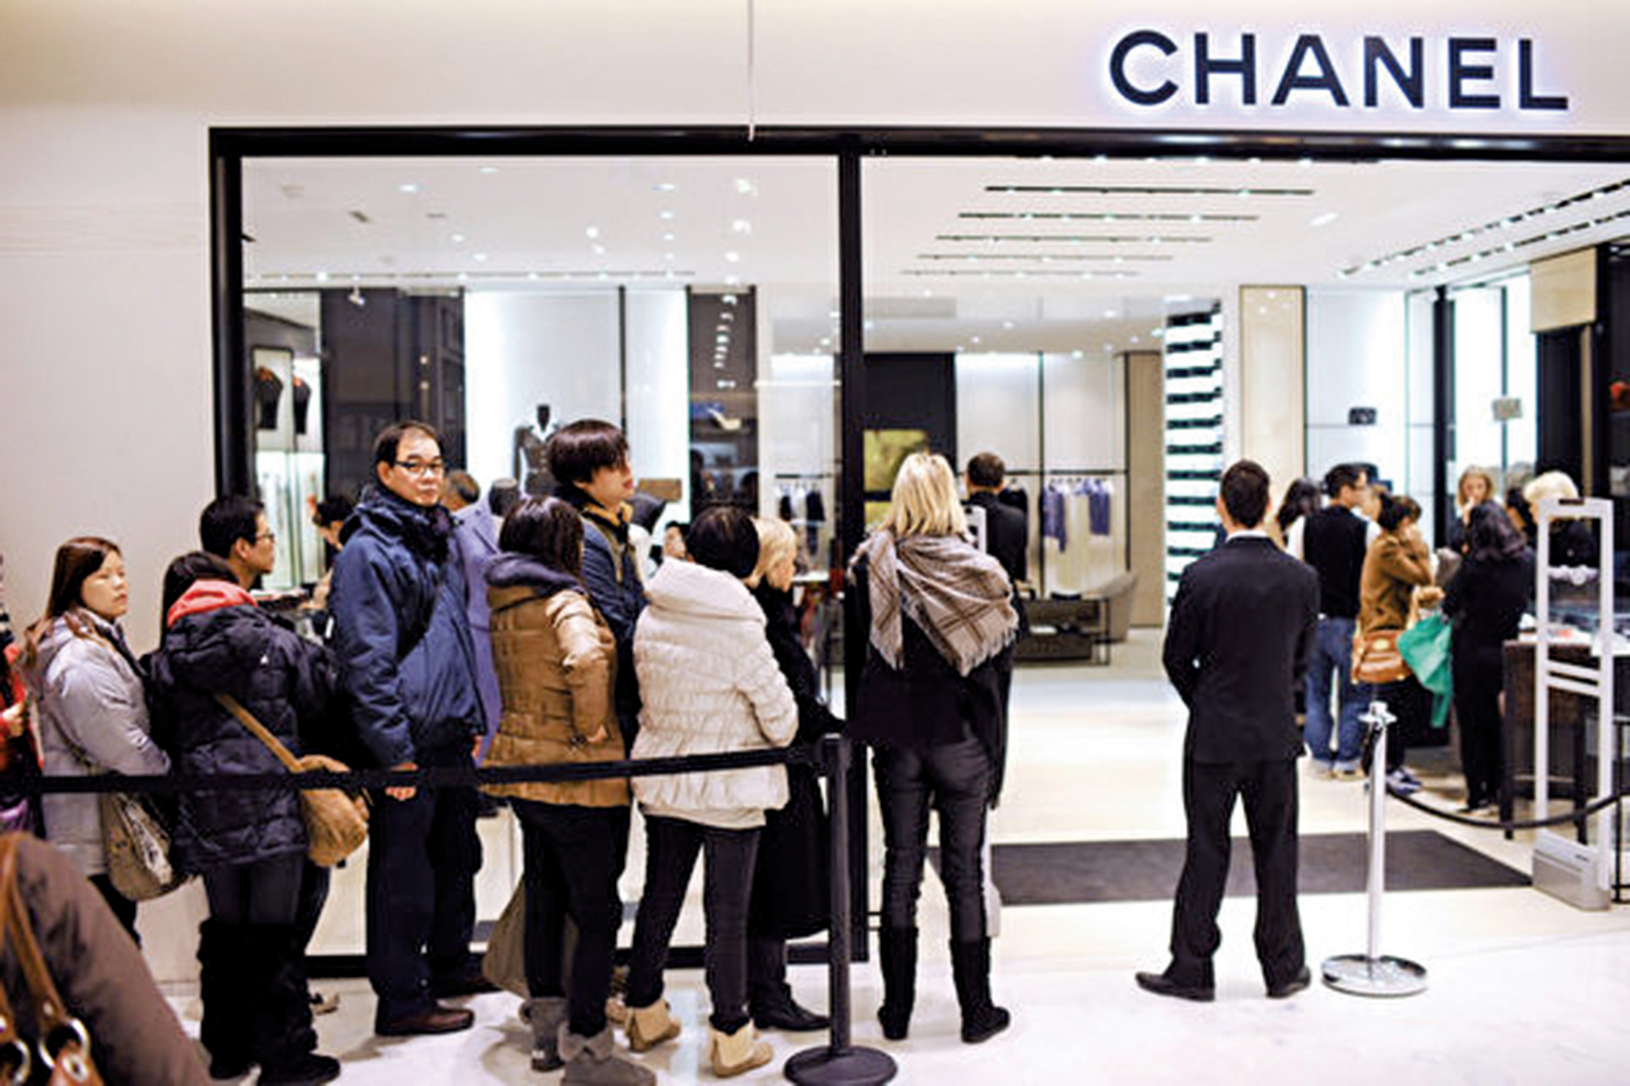 法國巴黎一間百貨公司,民眾排隊準備入內購物。(Getty Images)